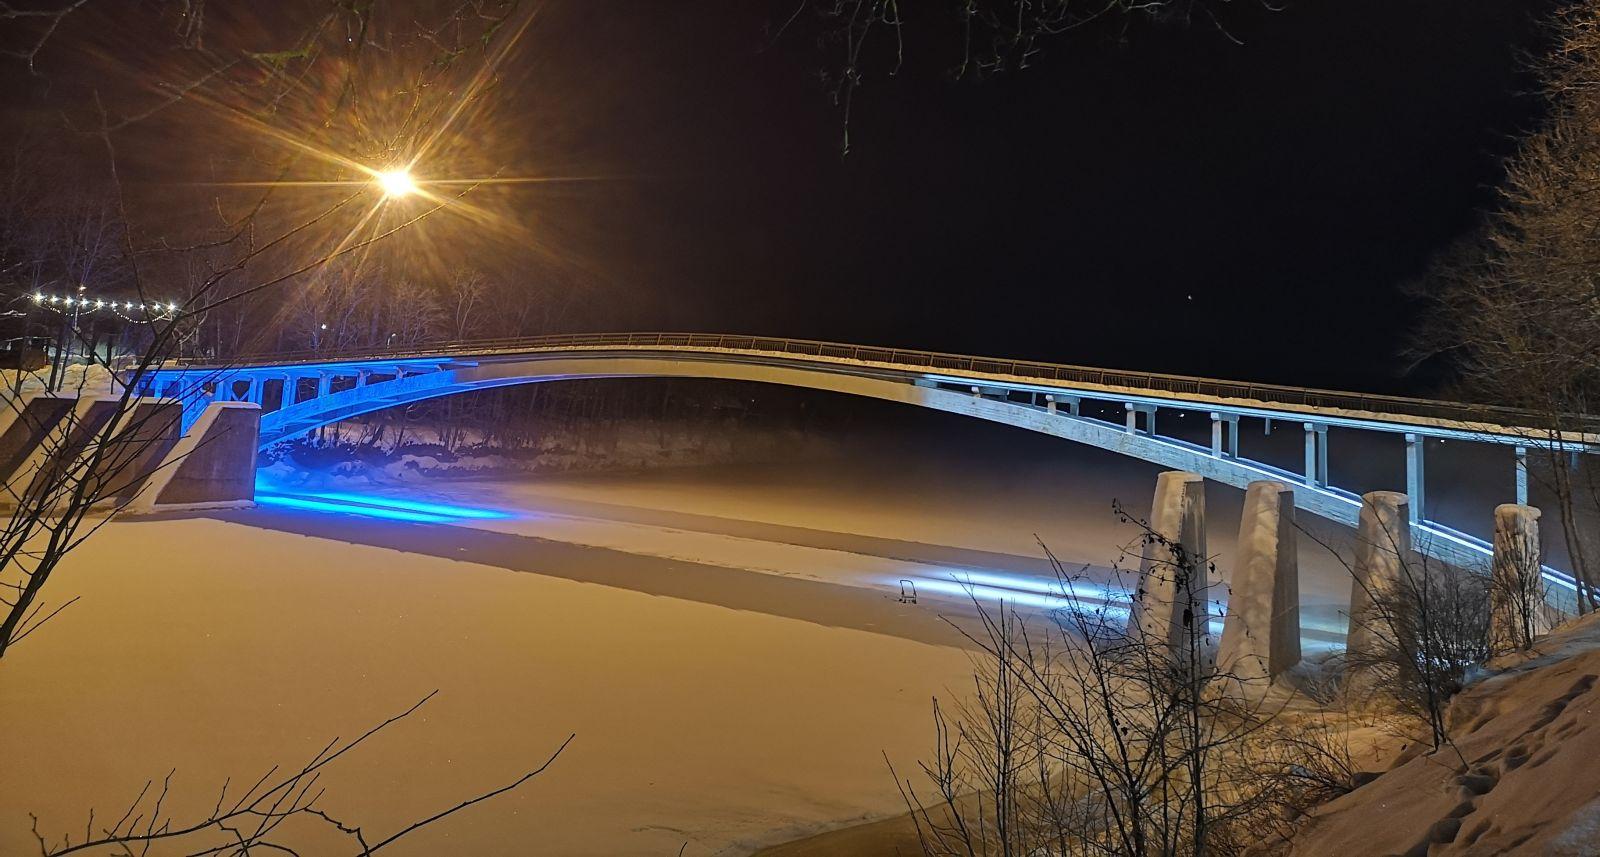 Lokveida gājēju tilts pāri Ogres upei mirdz Igaunijas karoga krāsās